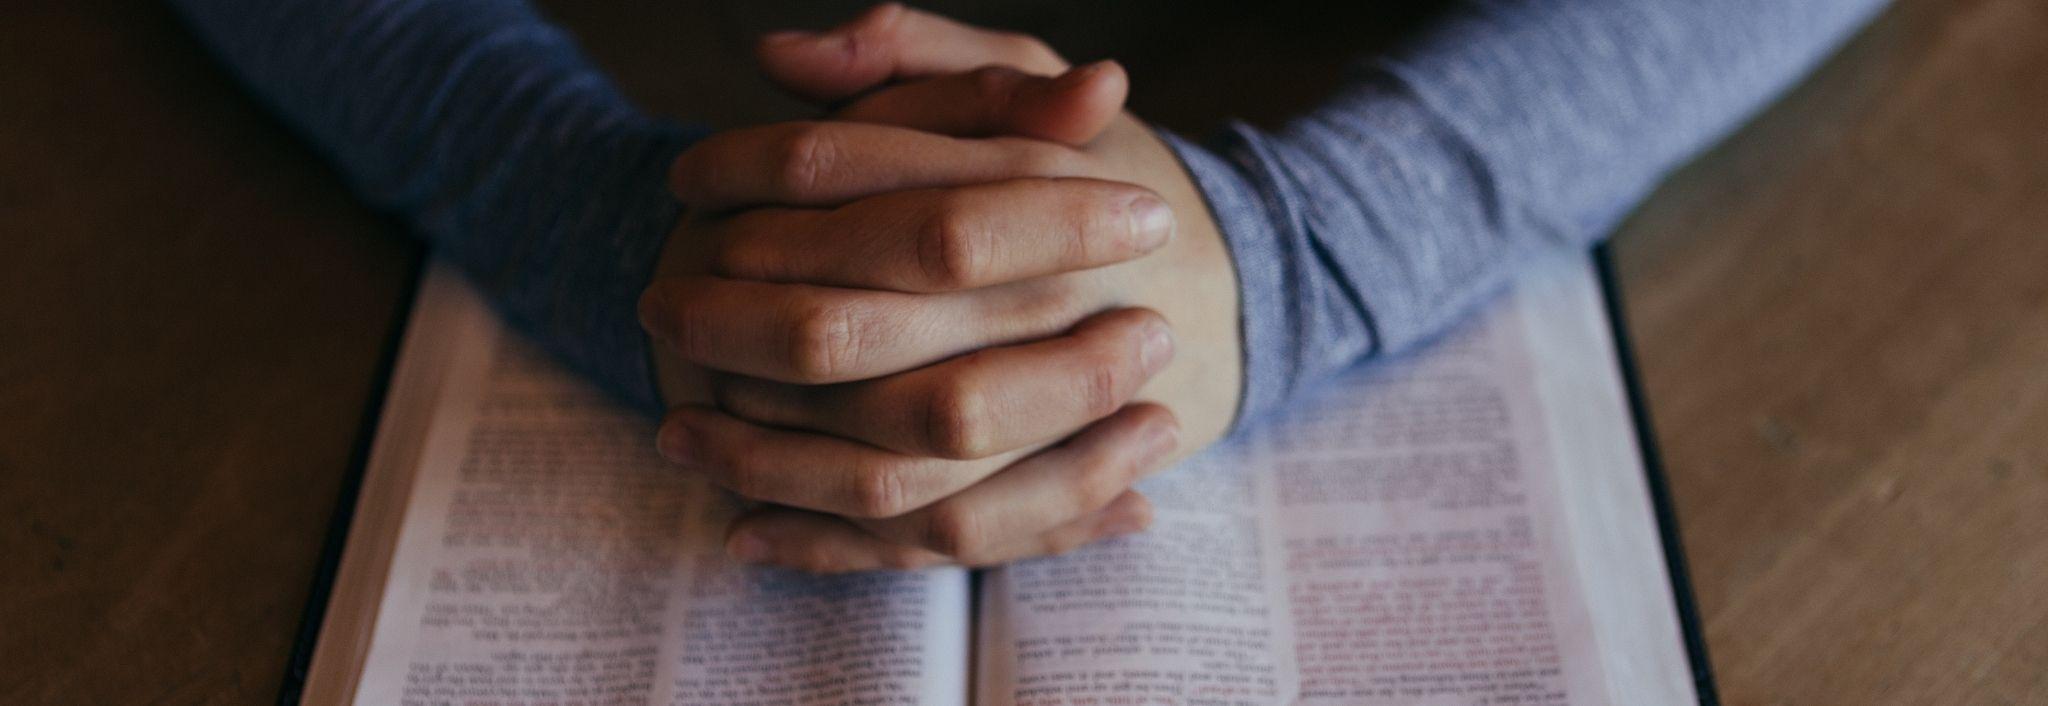 Nemám čas modliť sa